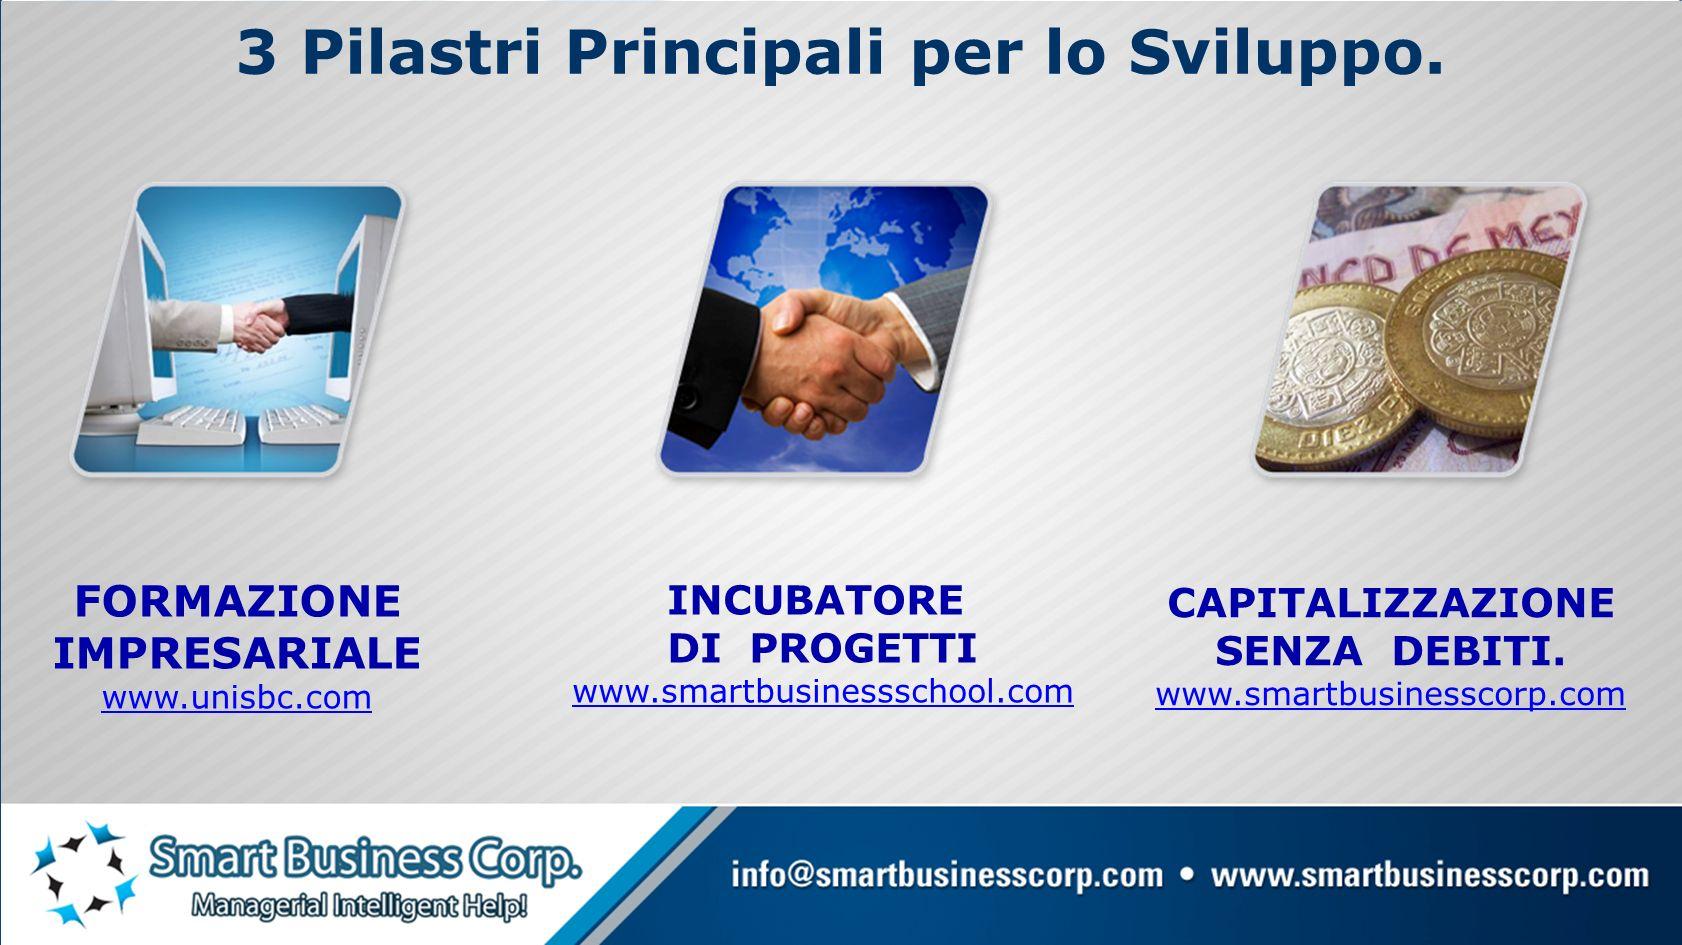 CAPITALIZZAZIONE SENZA DEBITI.www.smartbusinesscorp.com 3 Pilastri Principali per lo Sviluppo.